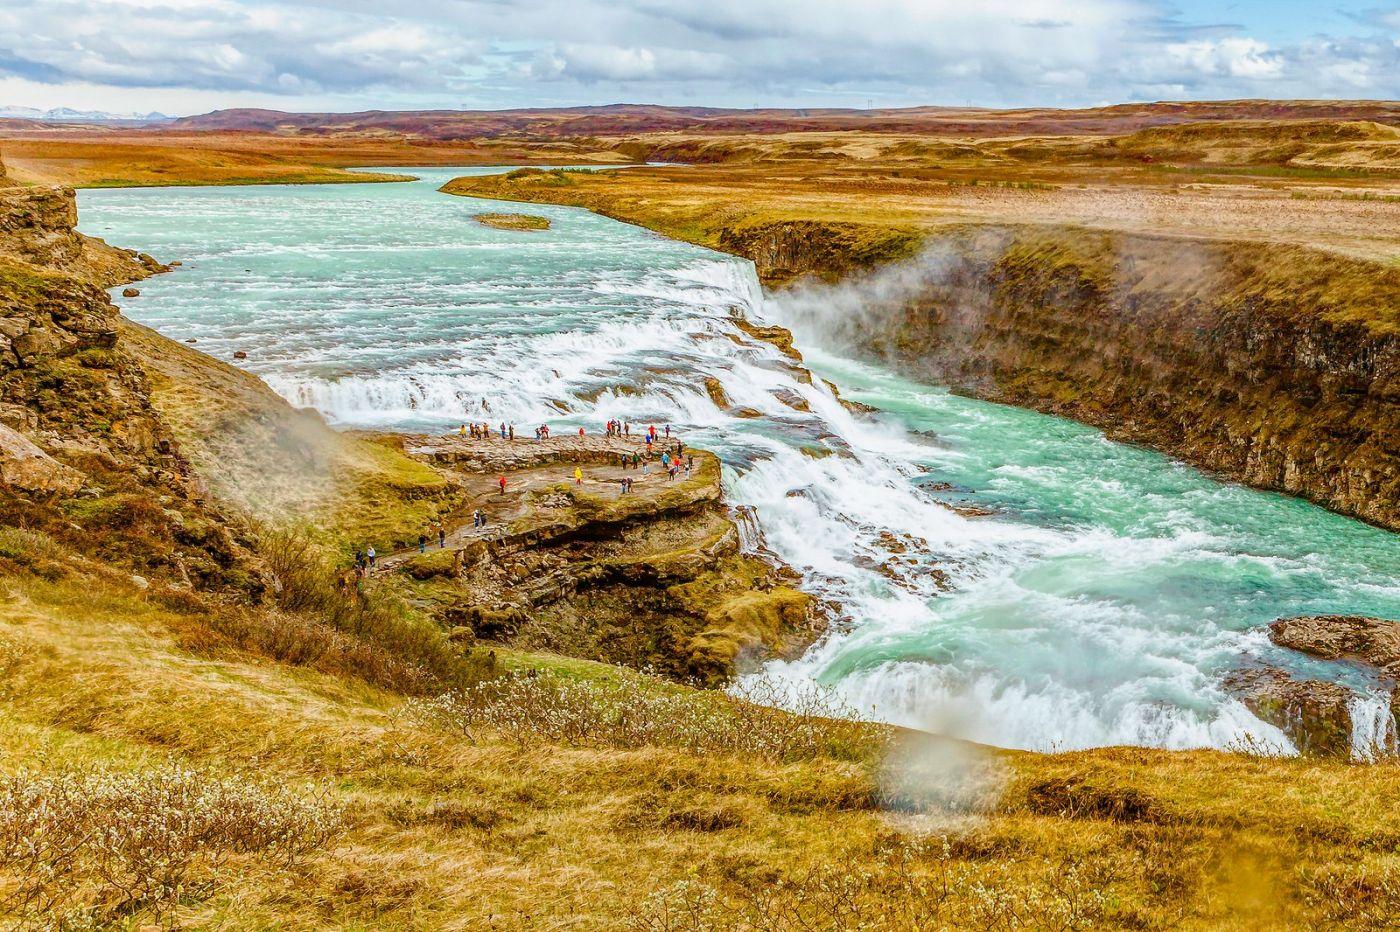 冰岛古佛斯瀑布(Gullfoss),气势磅礴_图1-1